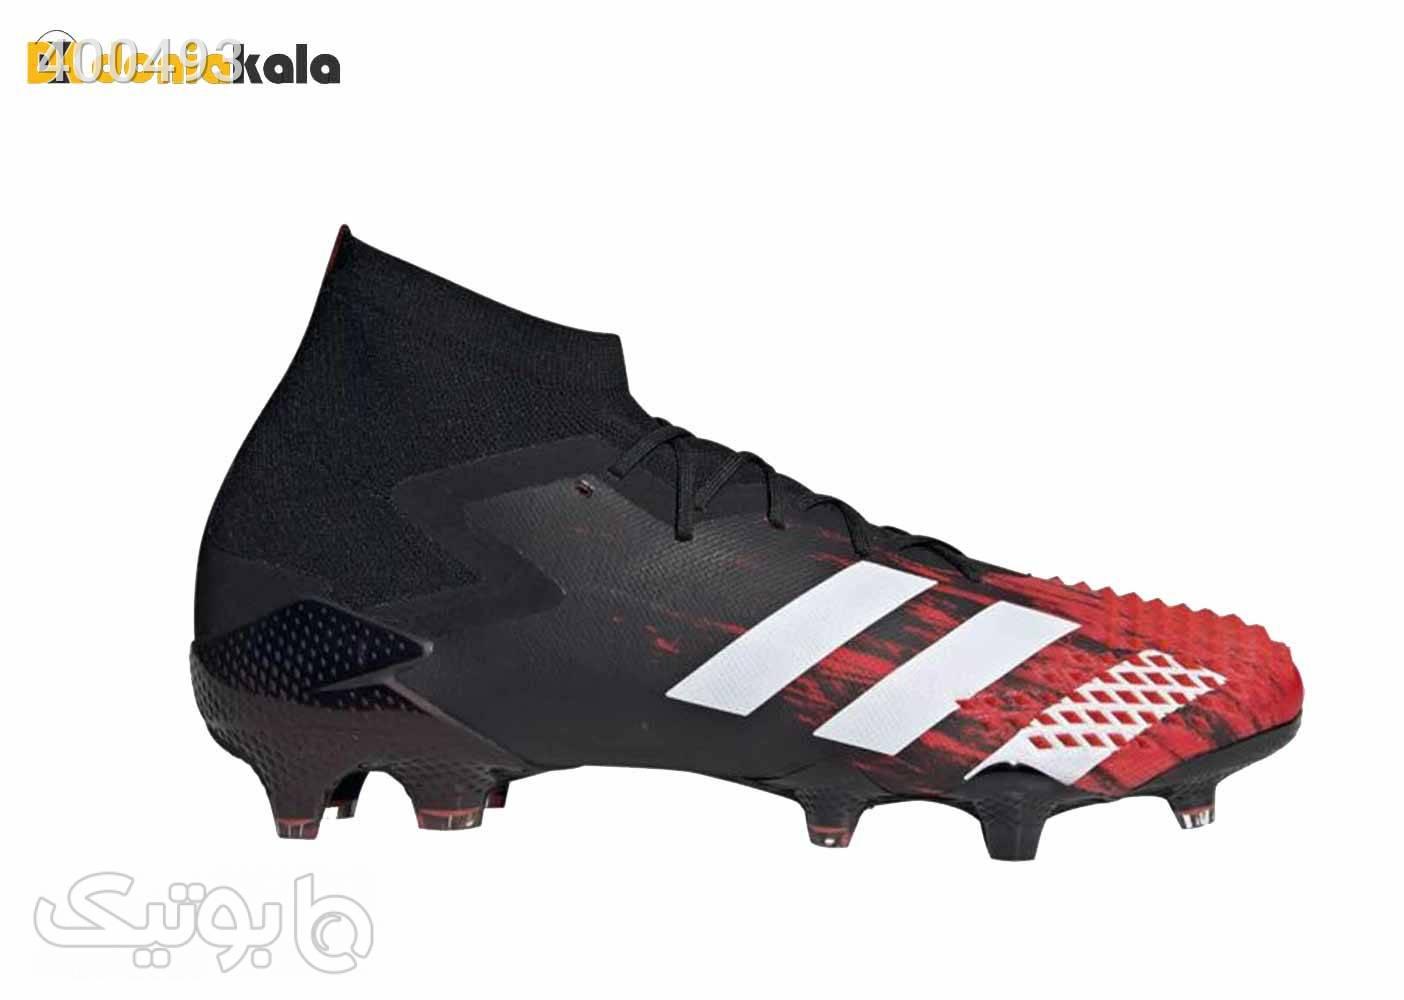 کفش فوتبال مردانه چمن طبیعی آدیداس پریداتور 20.1 adidas predator 20.1 fg مشکی كتانی مردانه